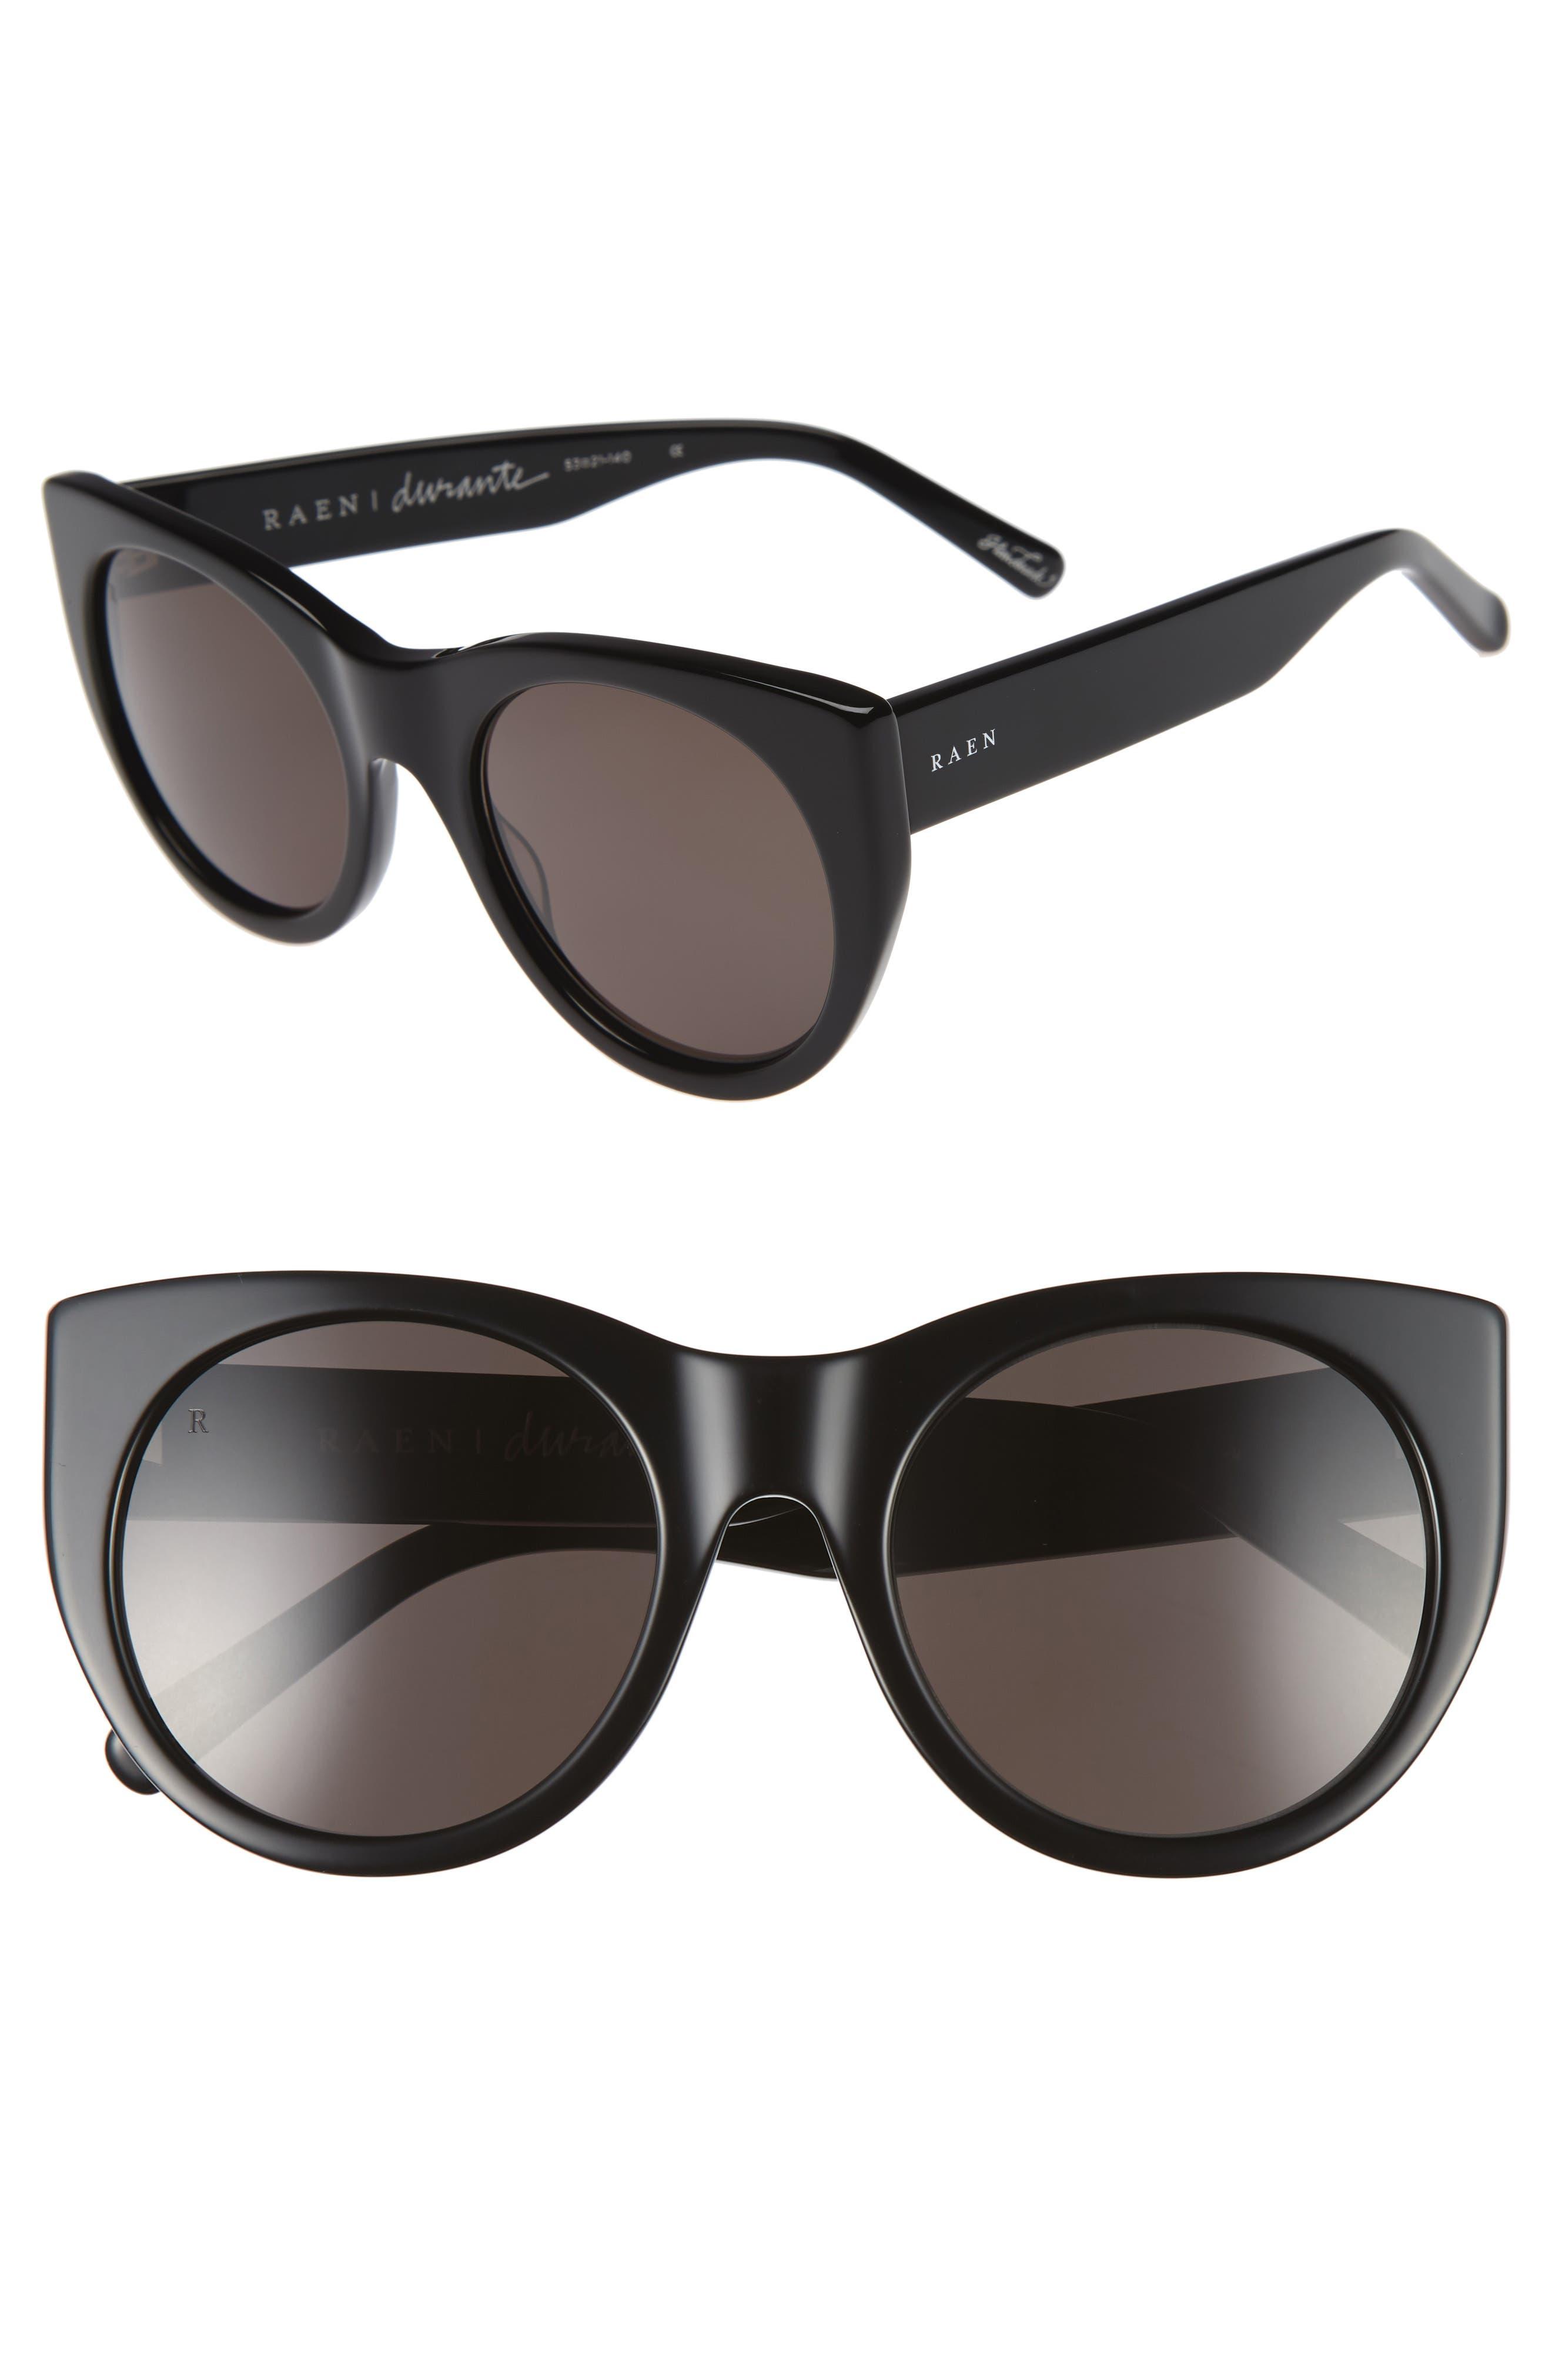 Main Image - RAEN Durante 53mm Retro Sunglasses